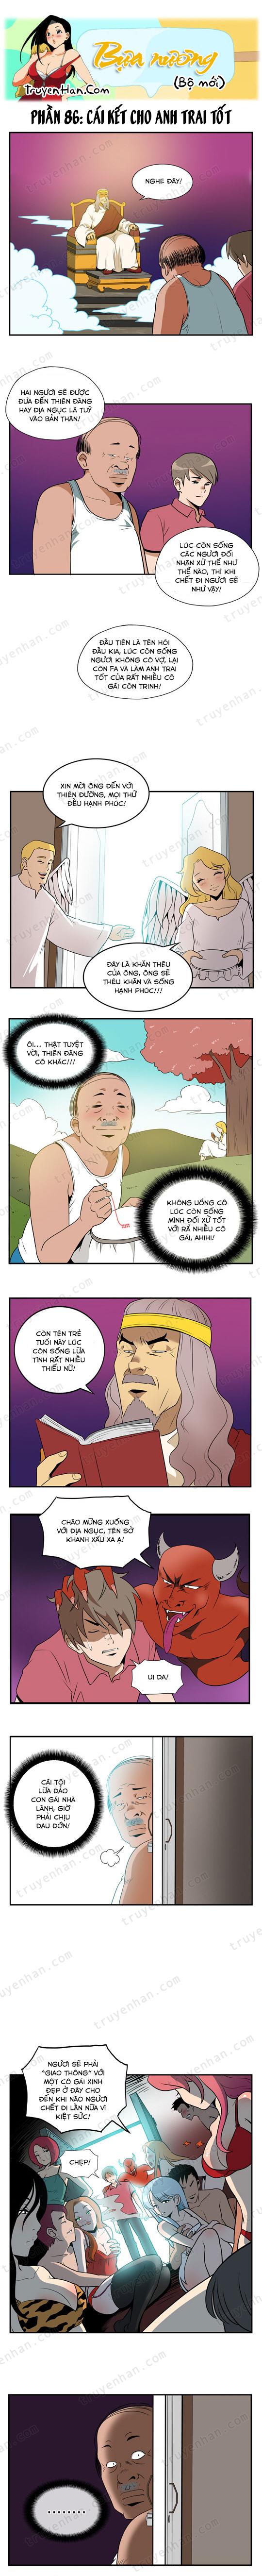 Bựa nương (bộ mới) phần 86: Cái kết cho anh trai tốt